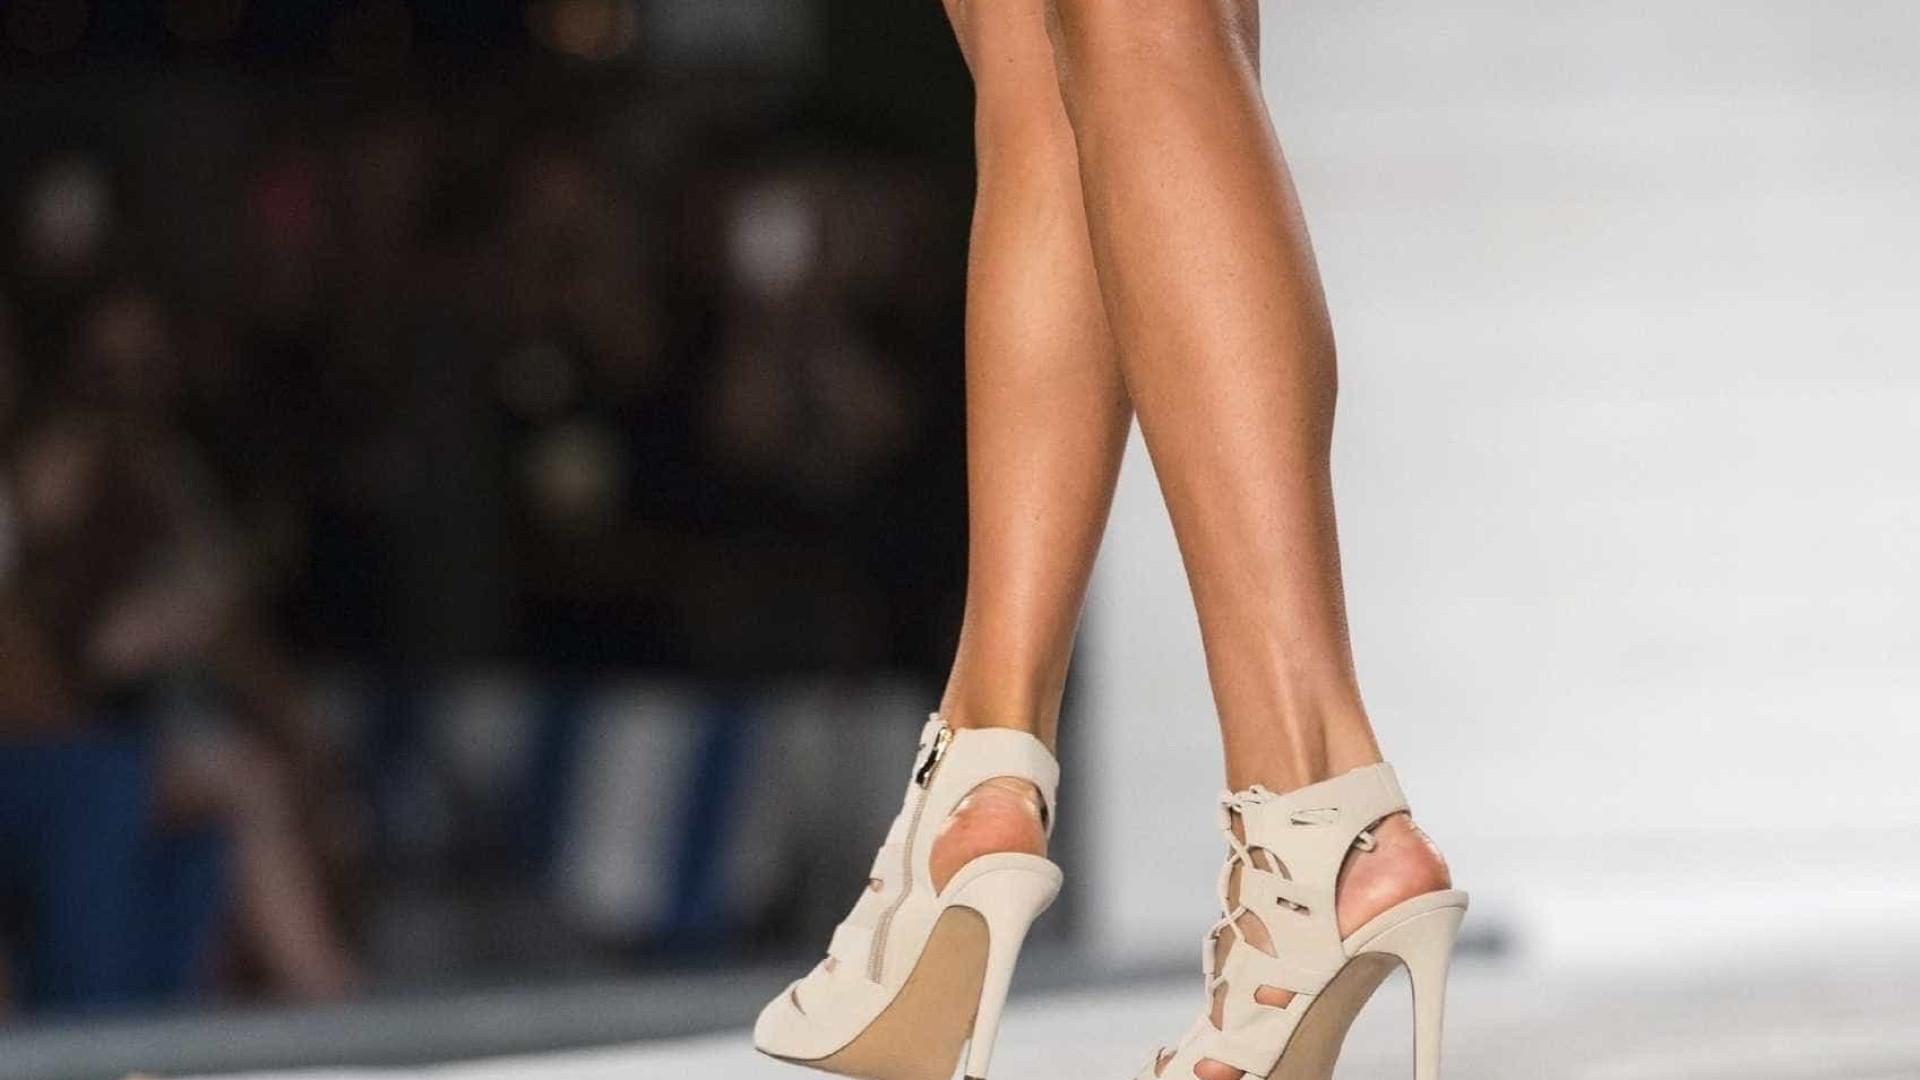 Empresas lusa de calçado investem dois milhões para estarem na MICAM